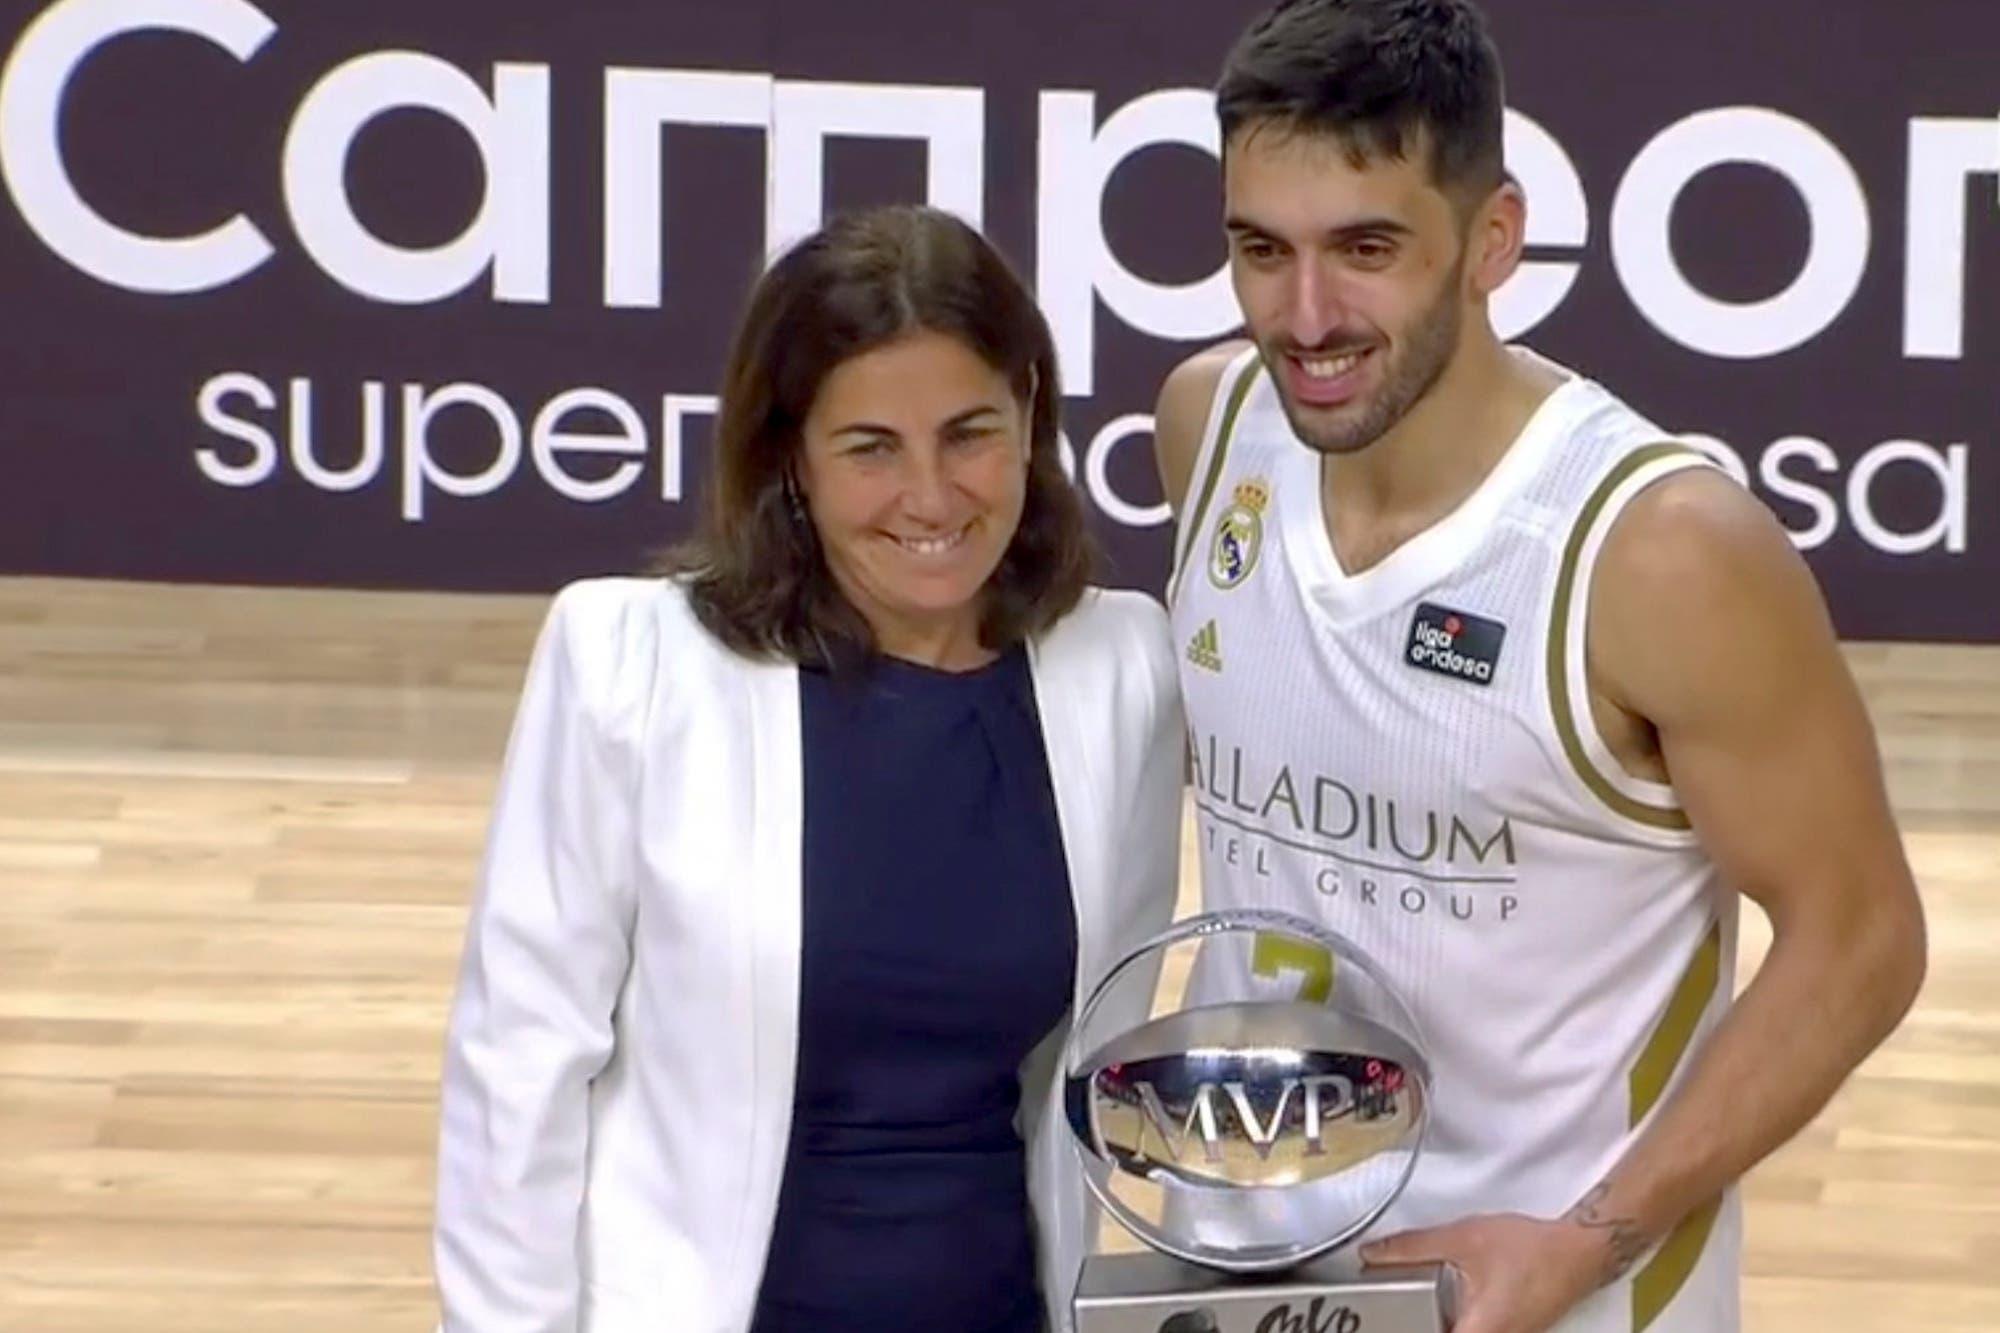 El Real Madrid de los argentinos se consagró campeón de la Supercopa española frente a Barcelona